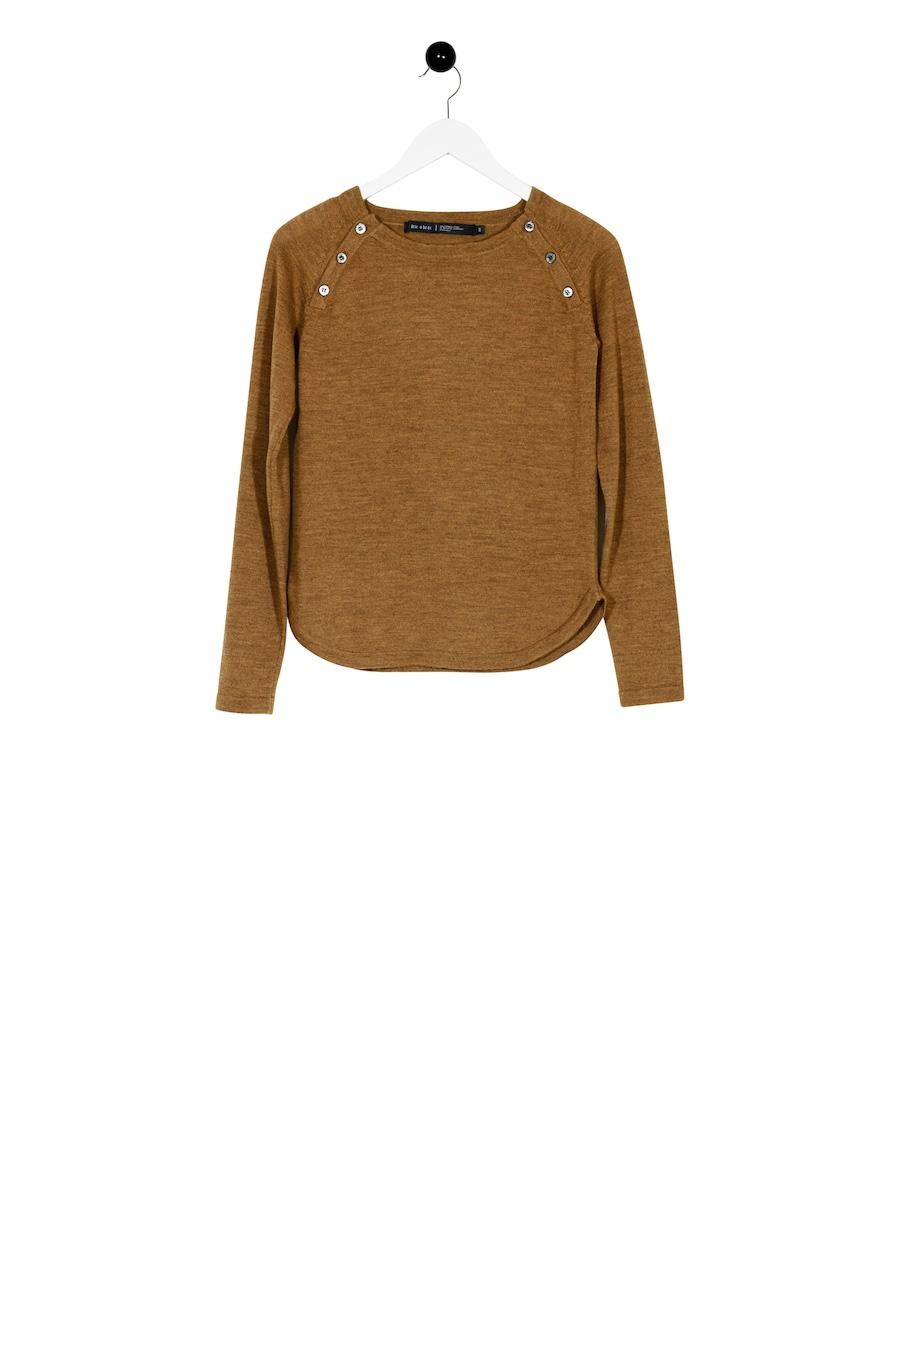 Lund Sweater